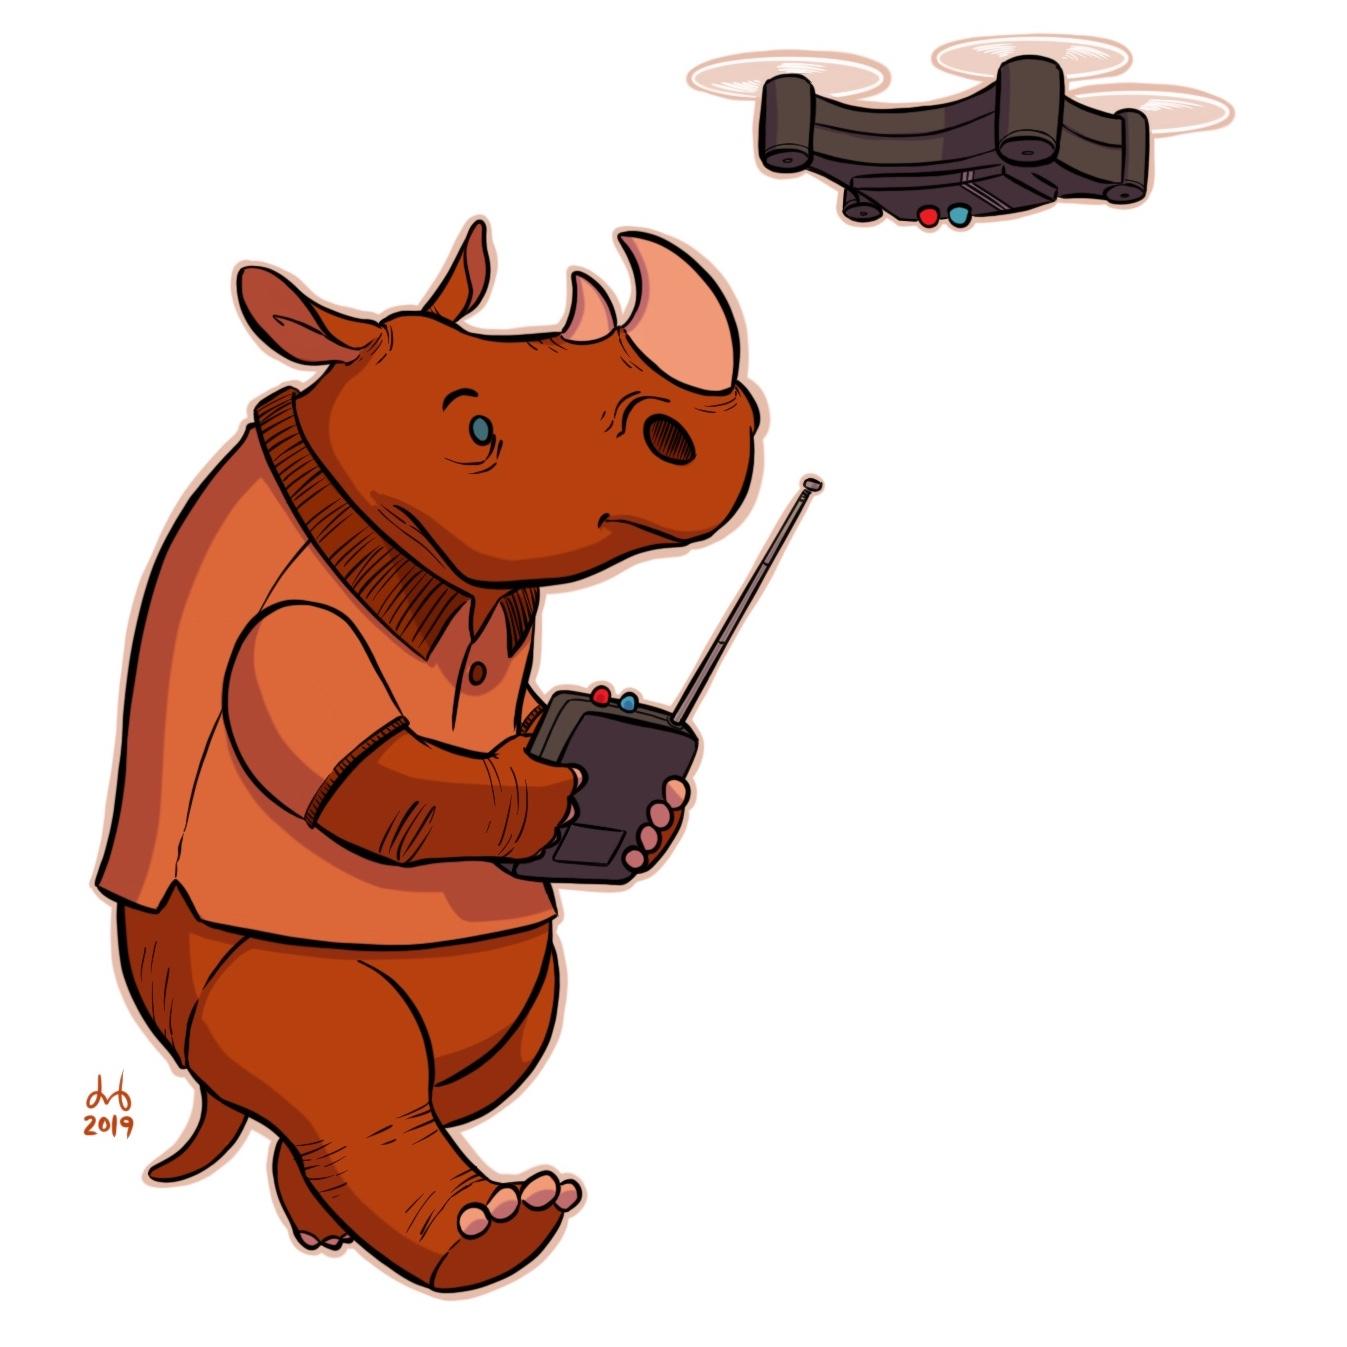 Rust Rhinoceros Robotics Engineer